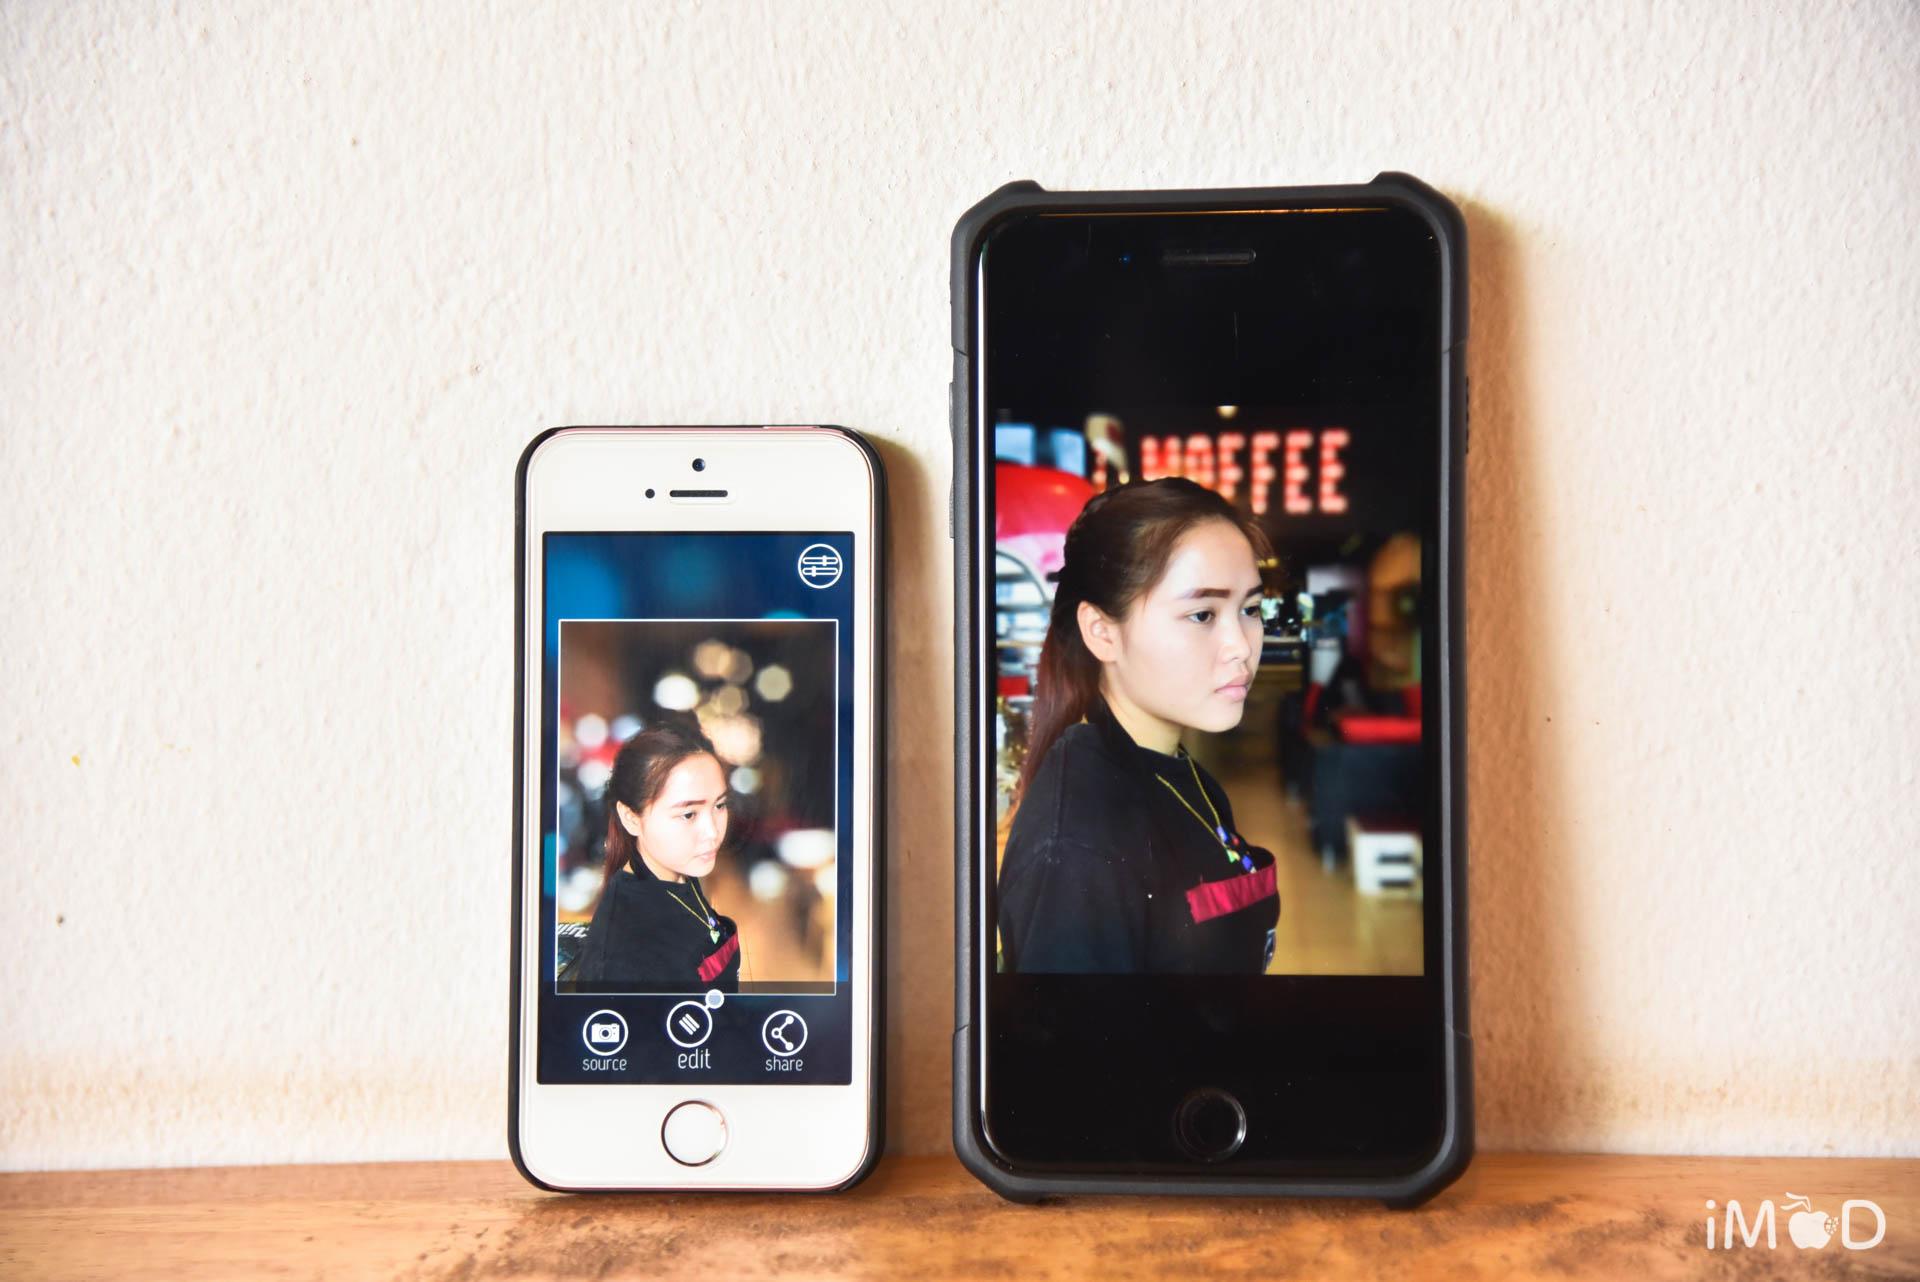 iphone-7-plus-portrait-vs-fabfocus-1